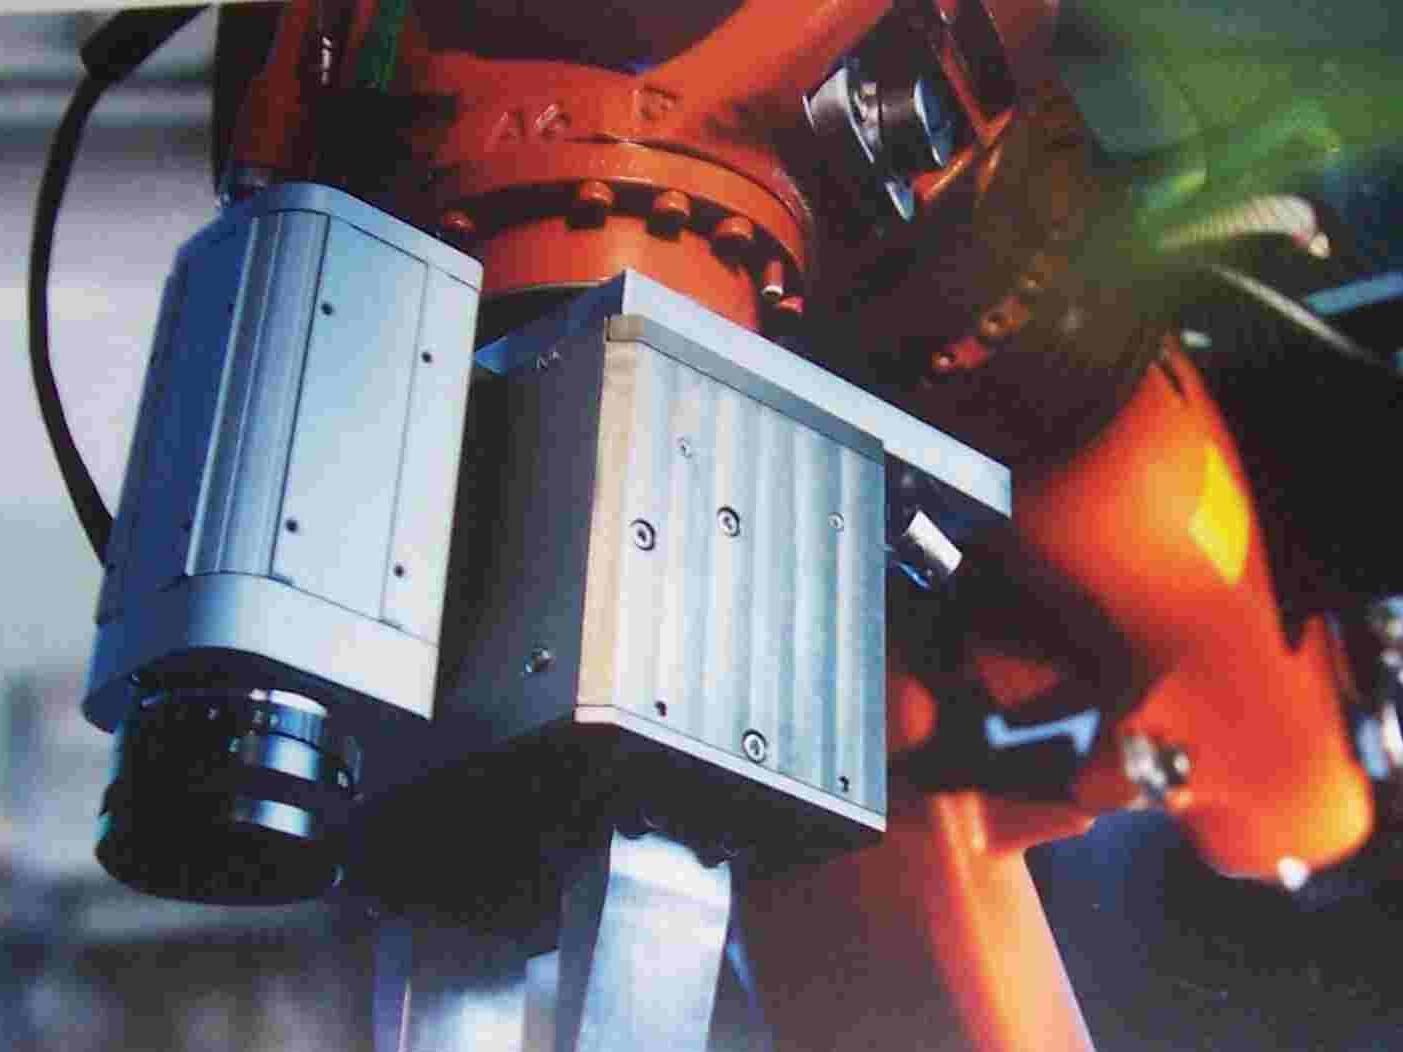 moore8活动海报-第十九届国际工业自动化与控制技术展览会(IAC2015)